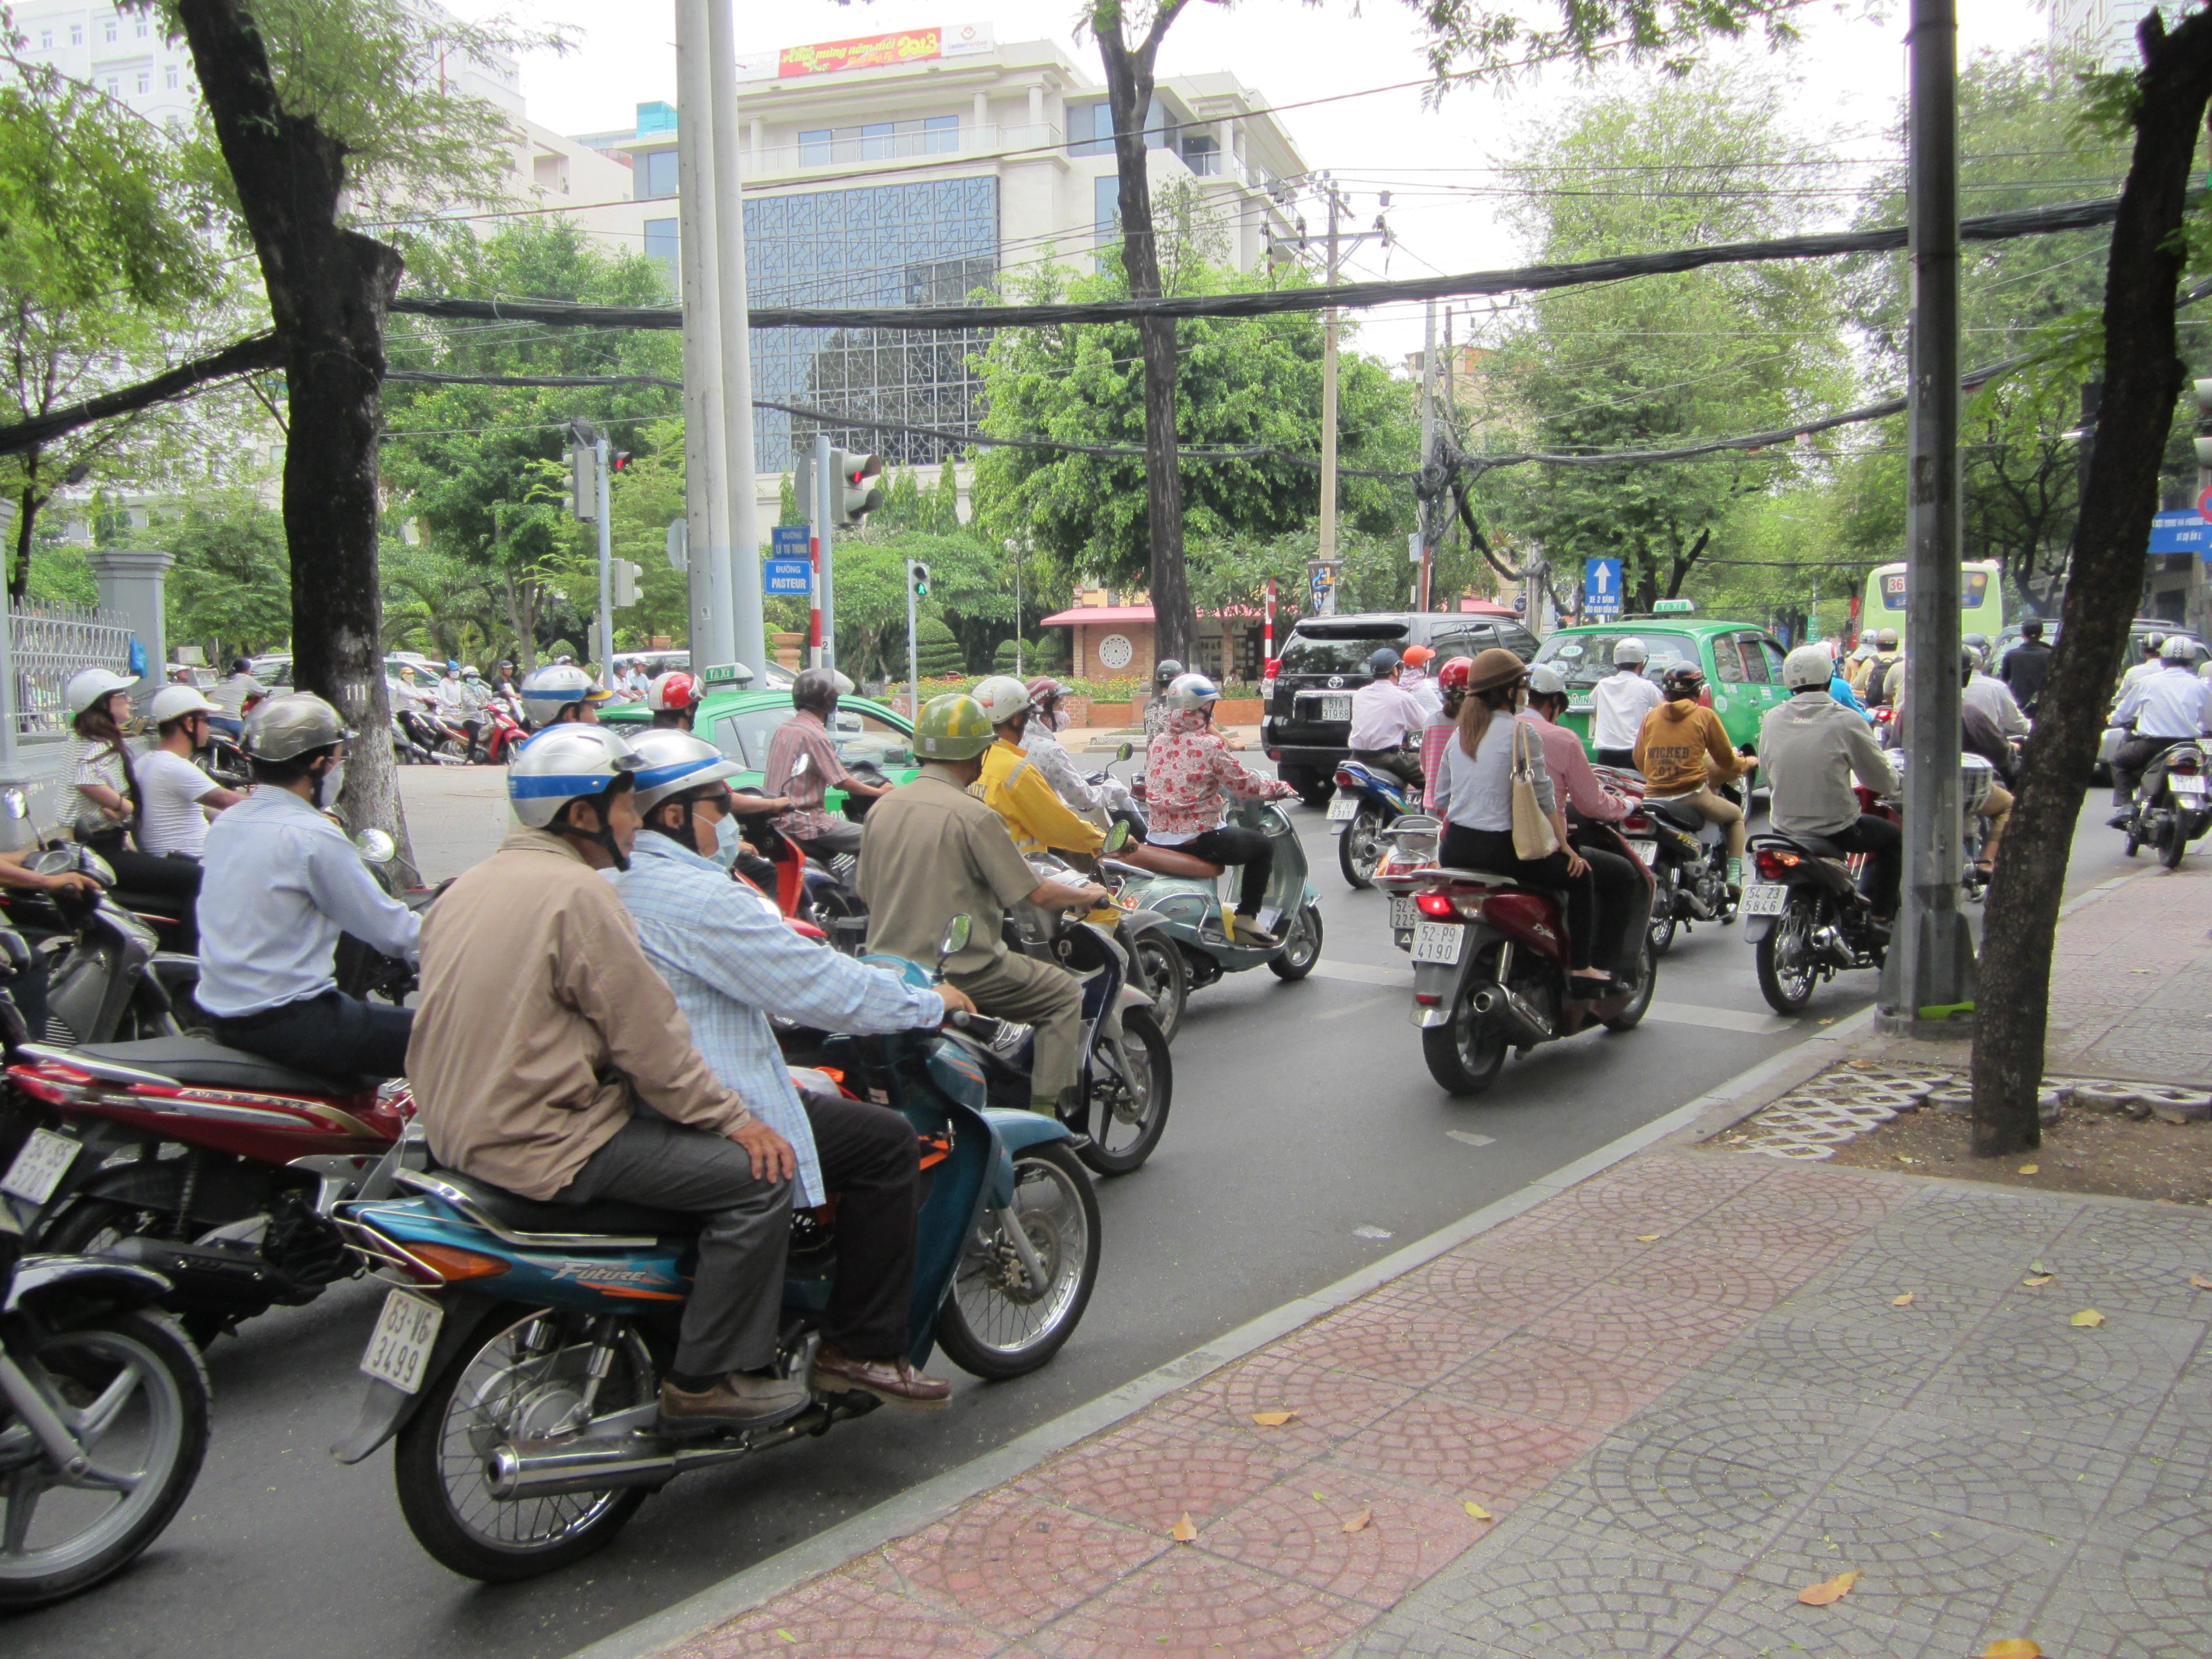 Kaikki kulkee Vietnamissa mopolla. Yhden skootterin kyydissä voi olla helpost vaikka neljä ihmistä: isä, äiti ja kaksi lasta. Ehkä vielä näiden lisäksi vauva äidin sylissä.